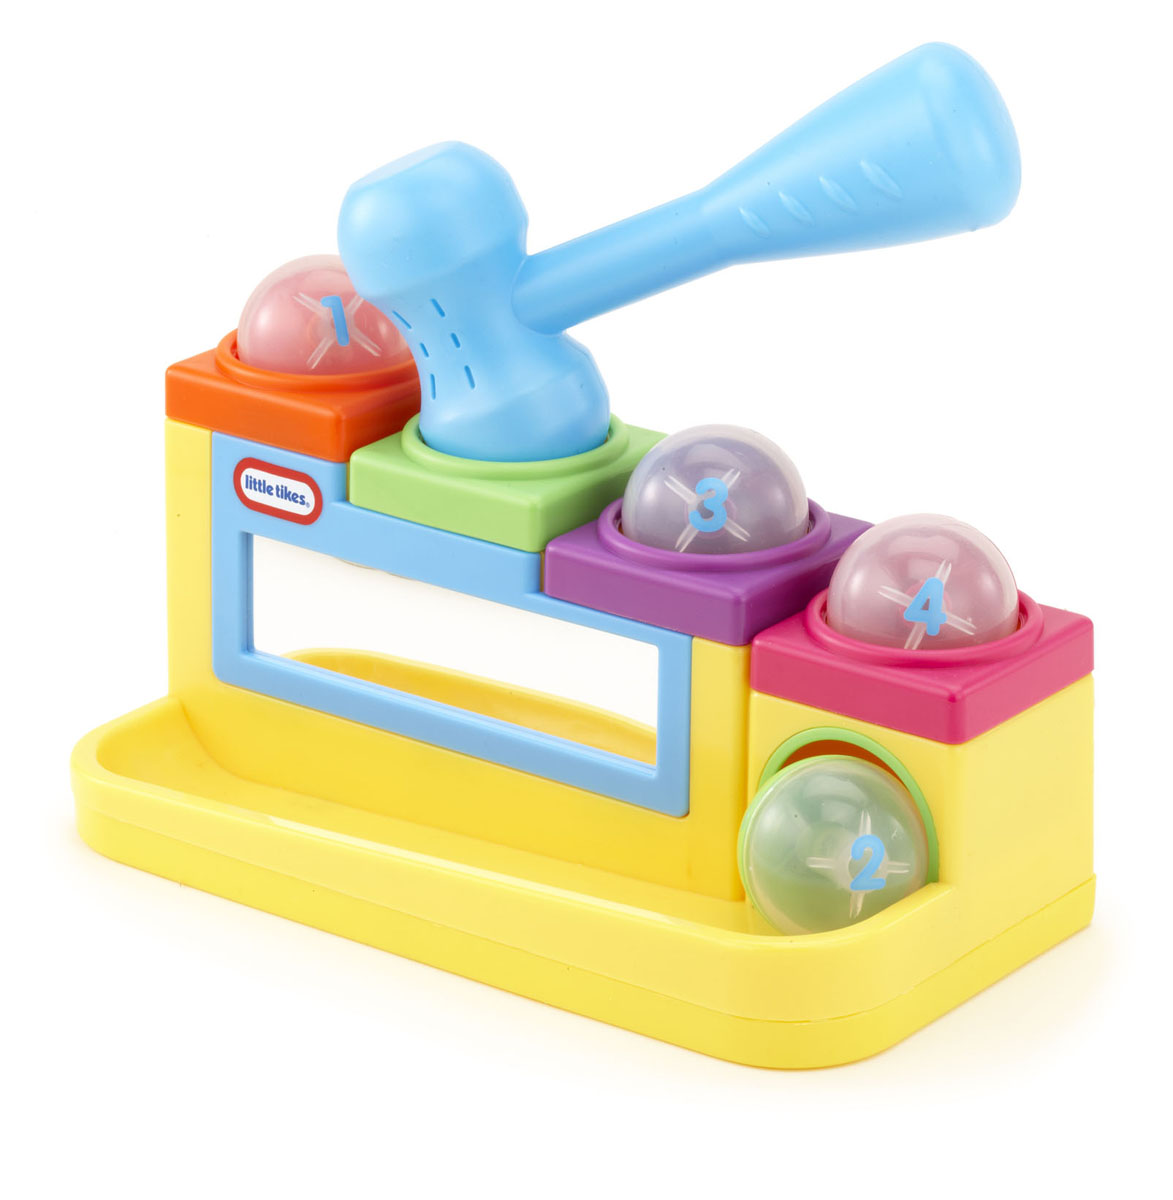 Развивающая игрушка Little Tikes Наковальня little tikes наковальня 634901